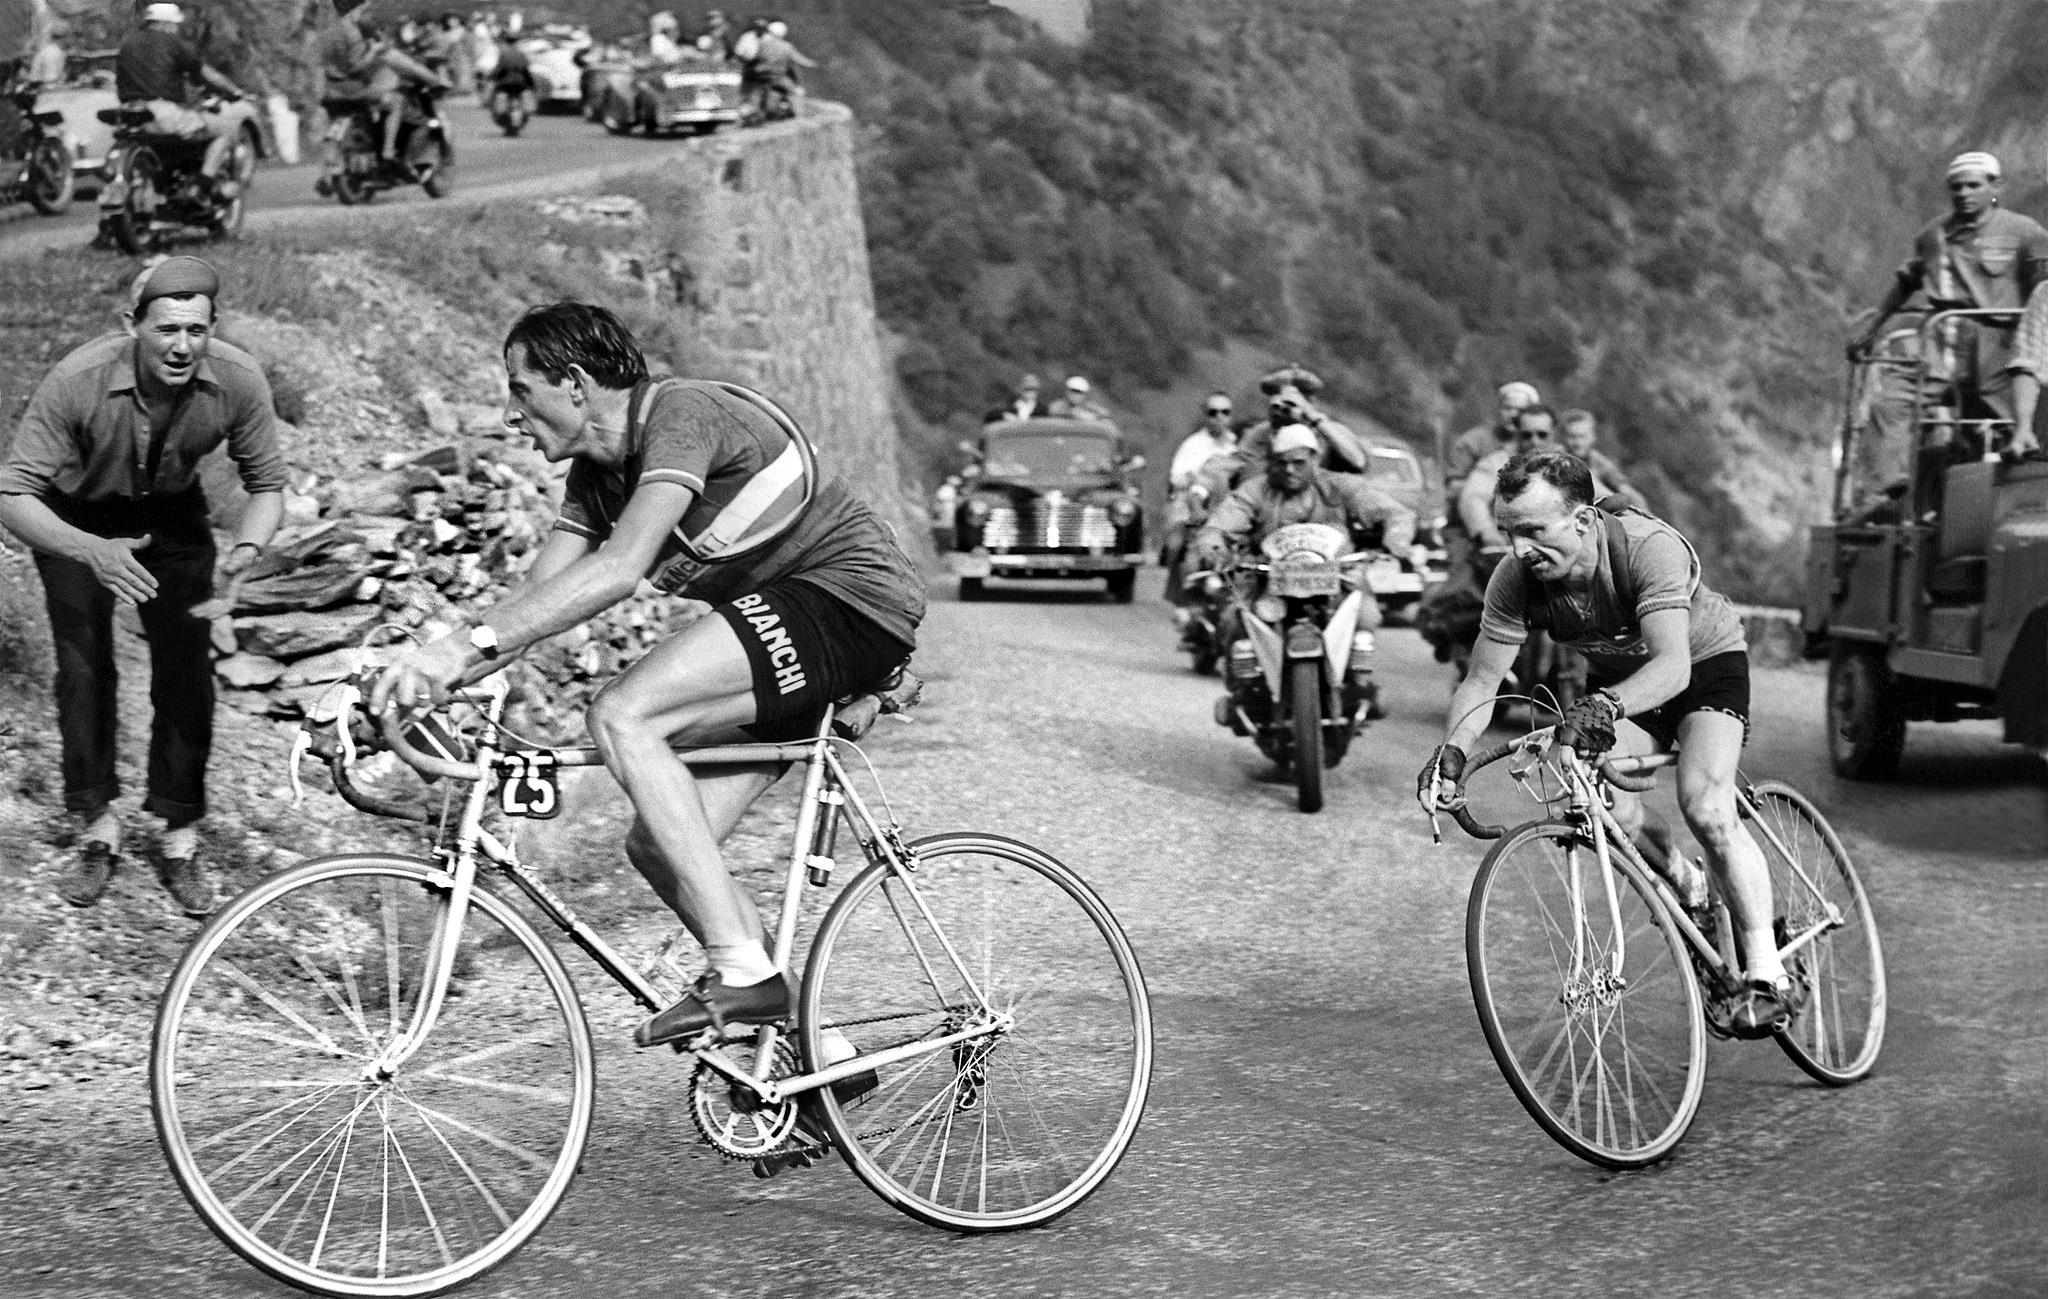 TOUR DE FRANCE 1952 L'ALPE D'HUEZ